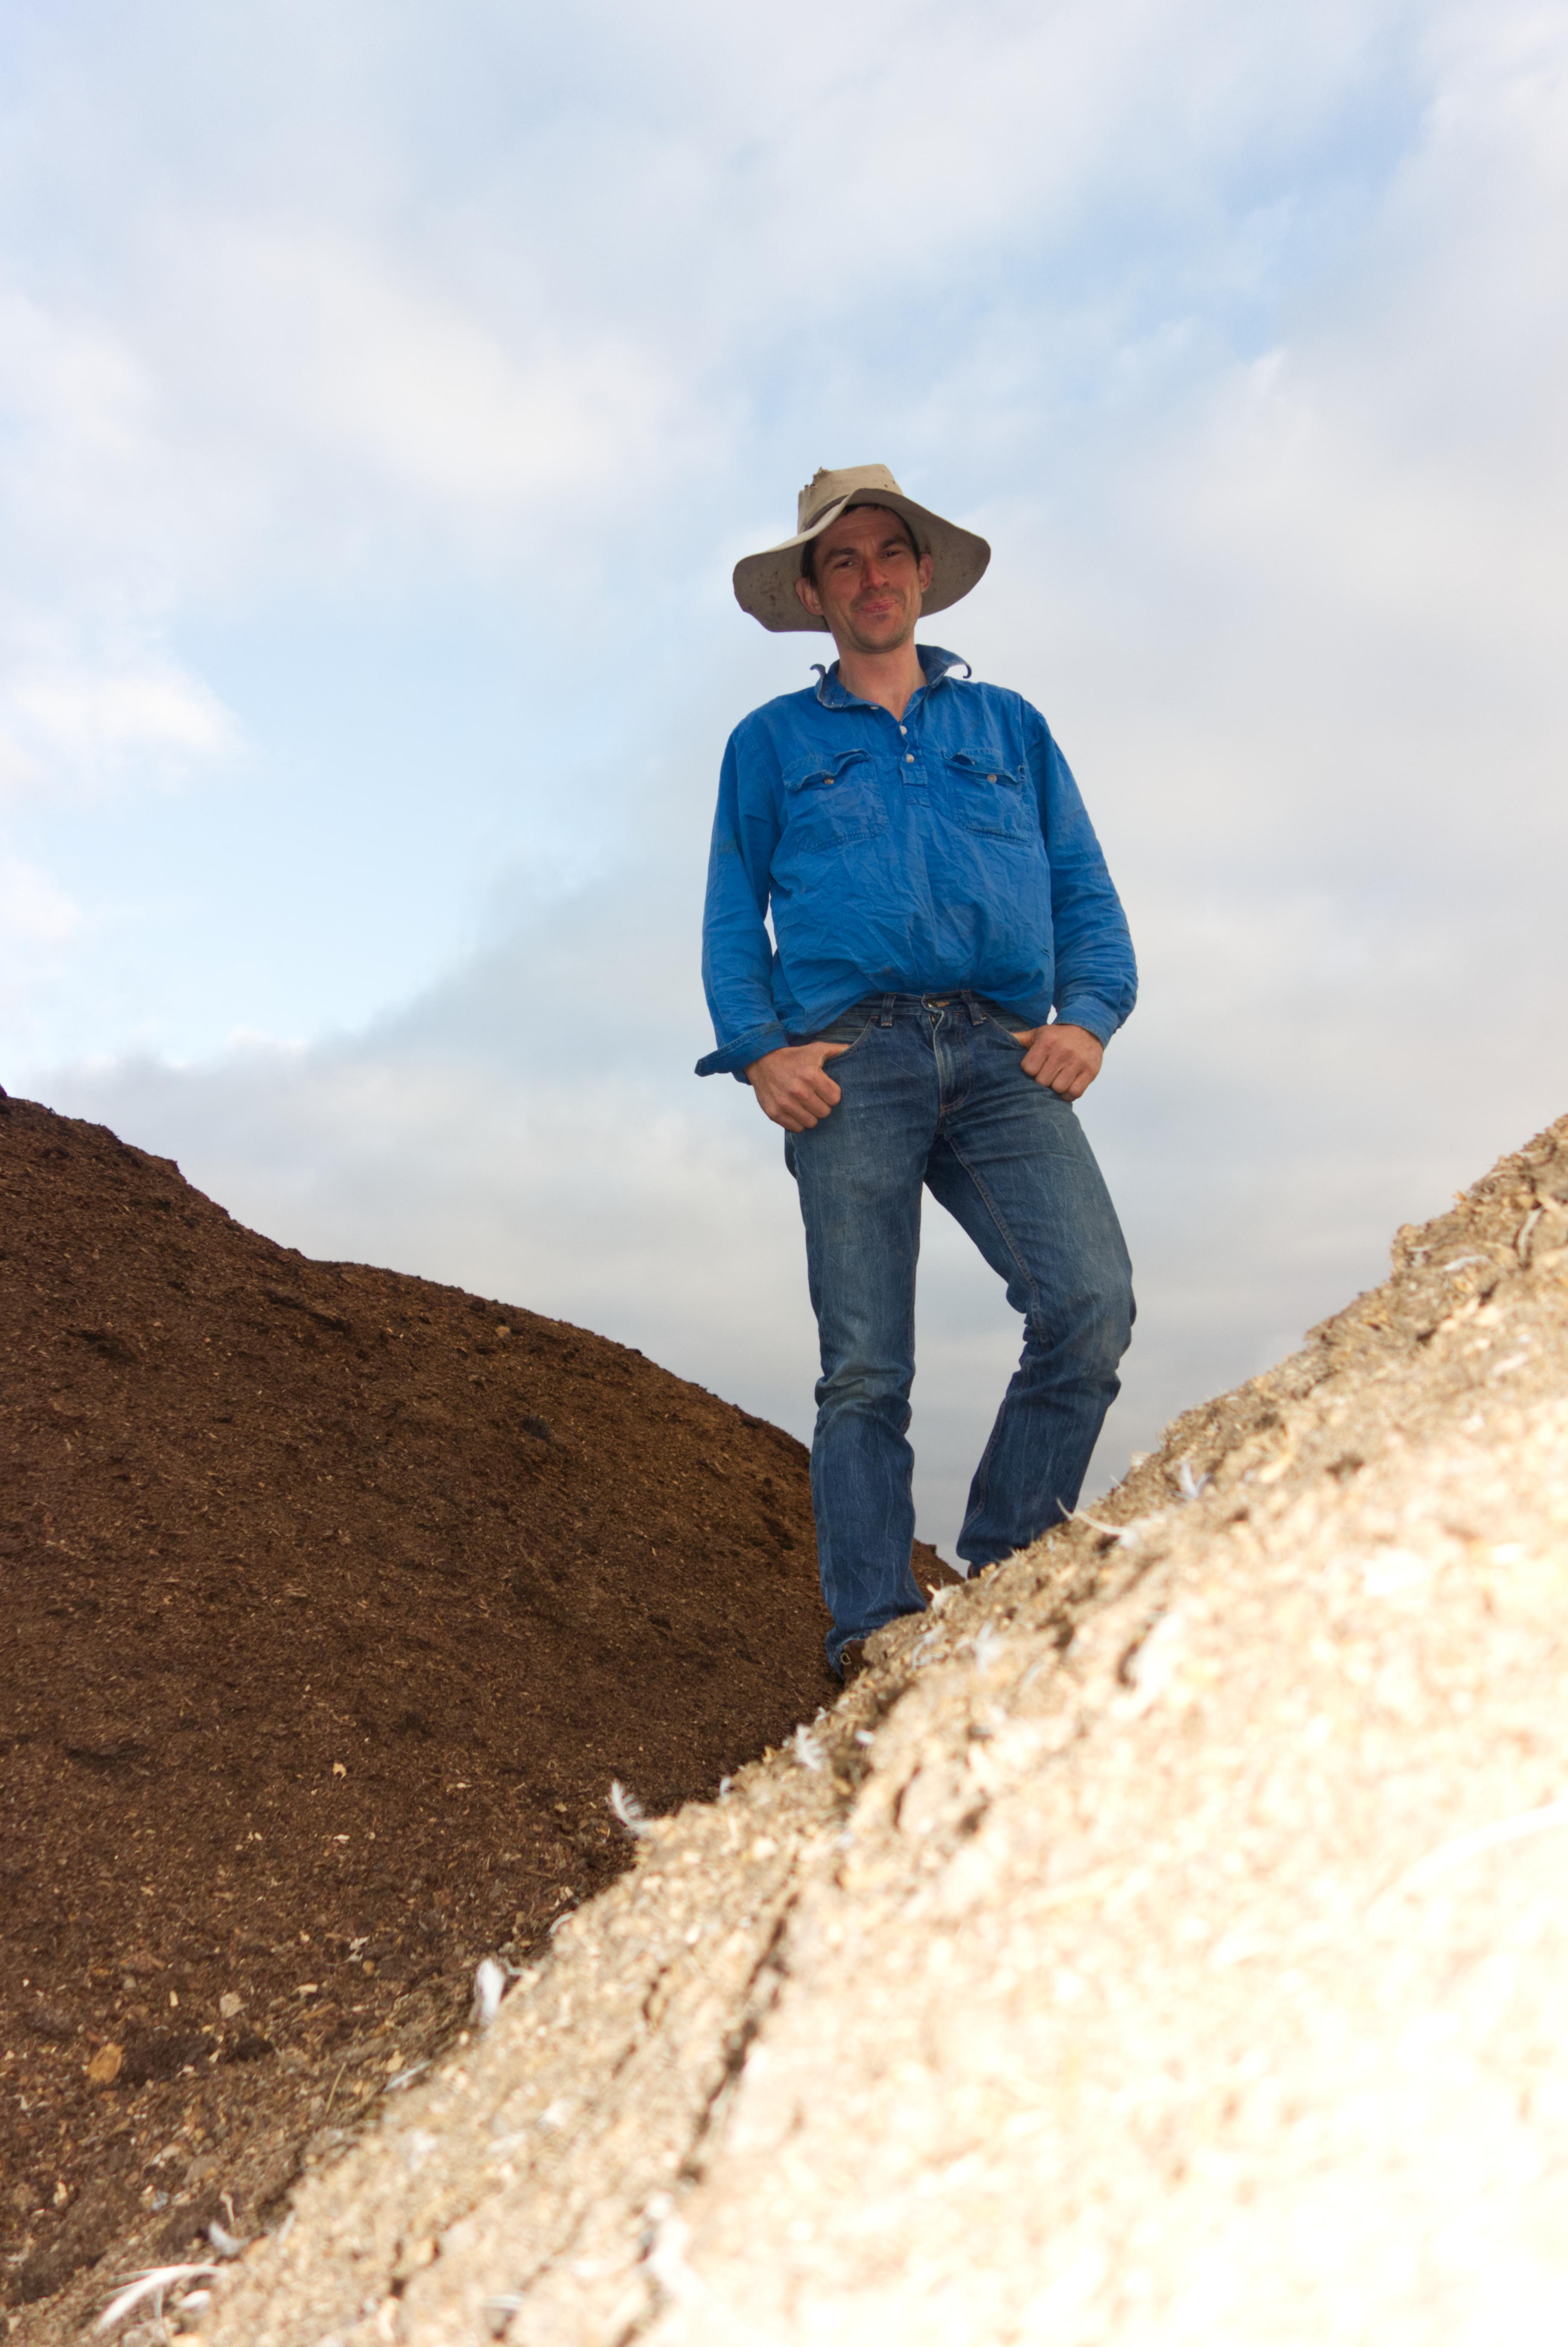 Toss Venning atop piles manure.